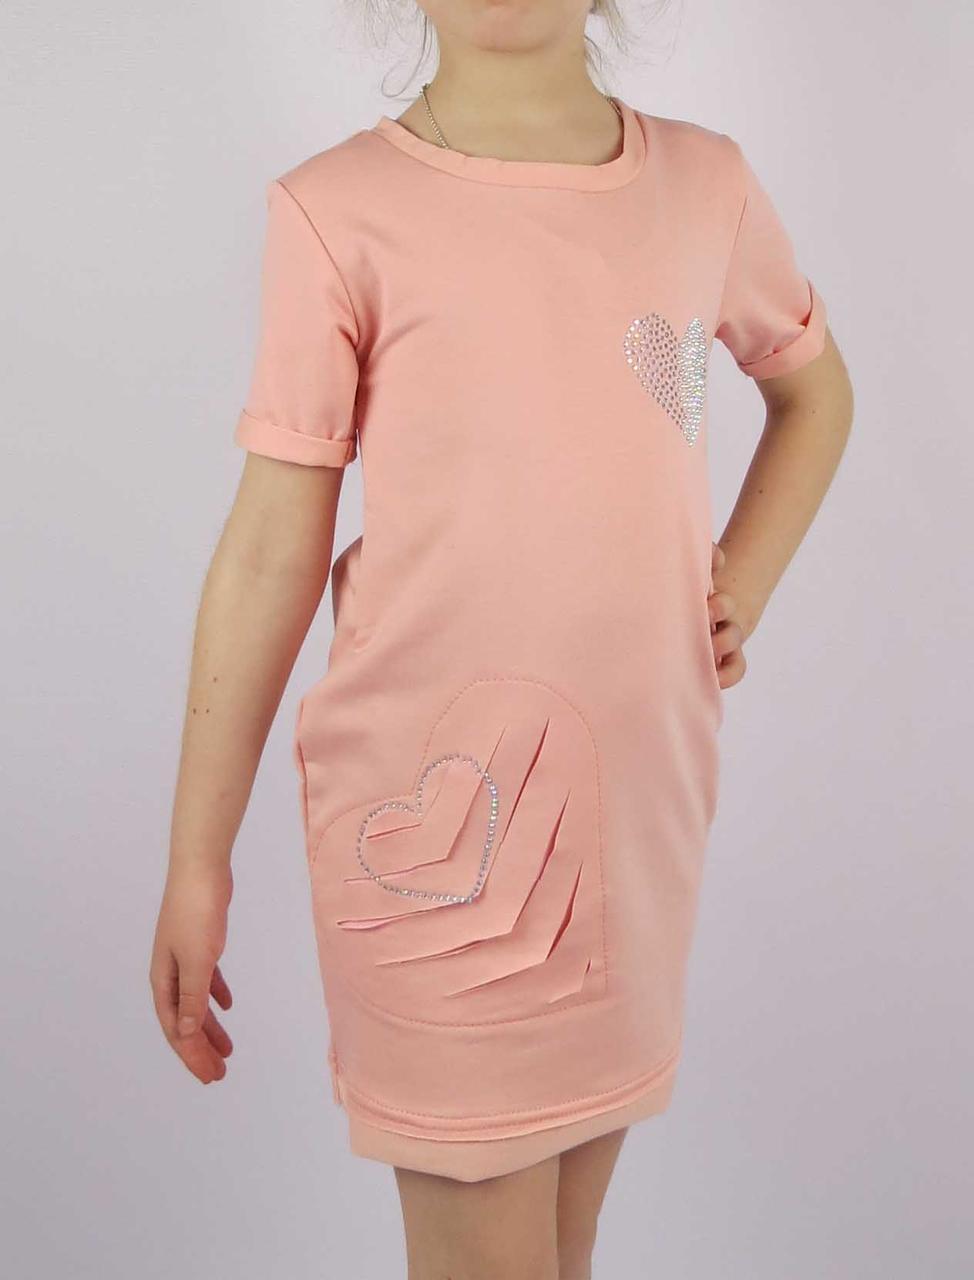 Платье сердце код 609 размеры от 122 см до 140 см (от 6 до 10 лет), фото 2